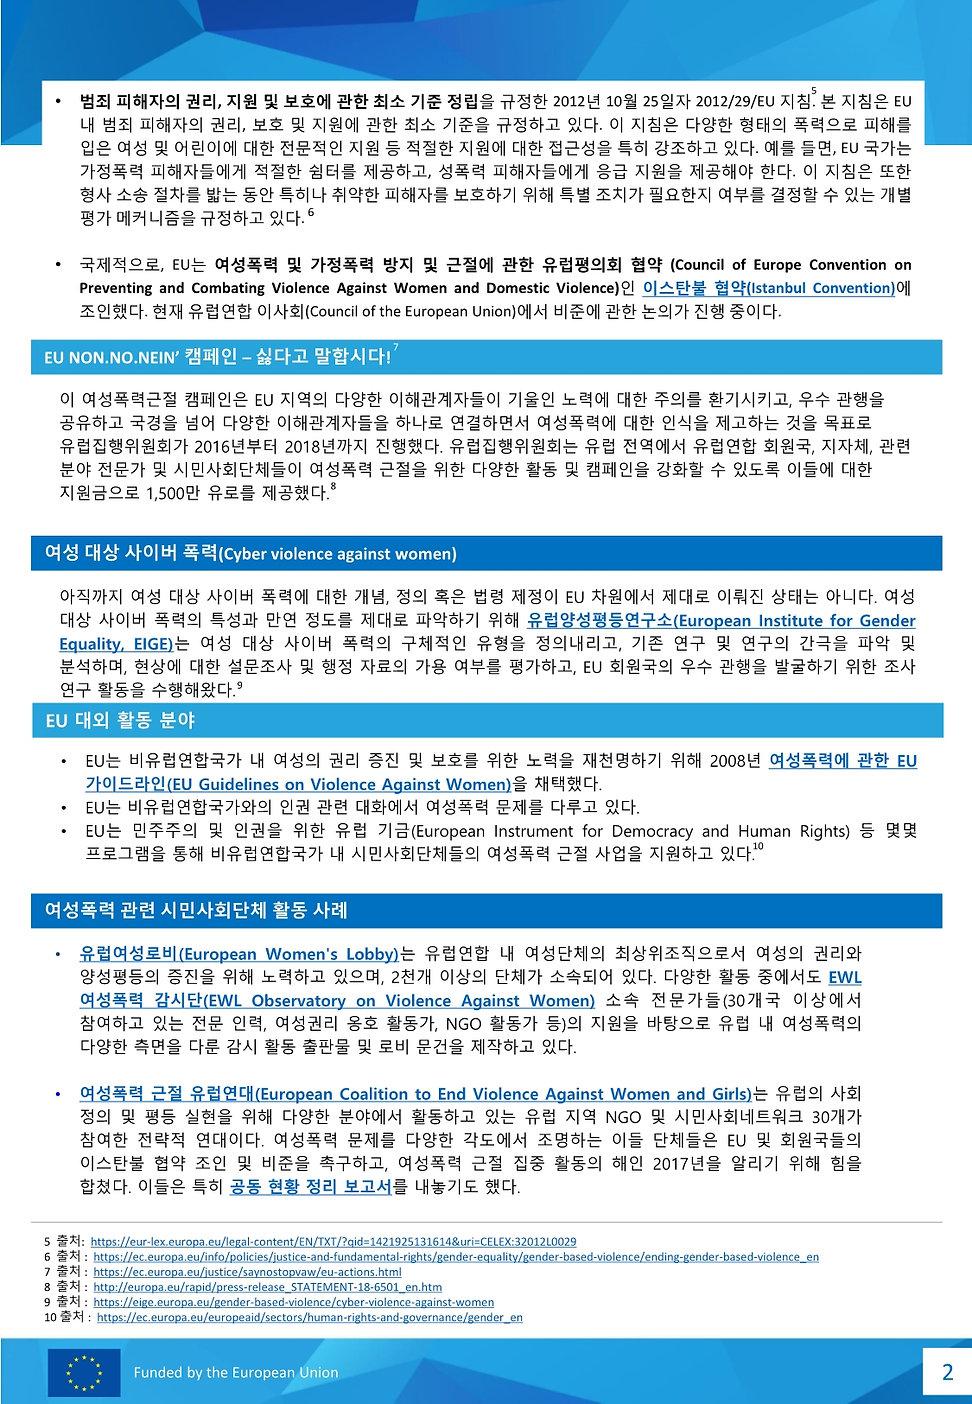 5. Violence against women_kor 2.jpg